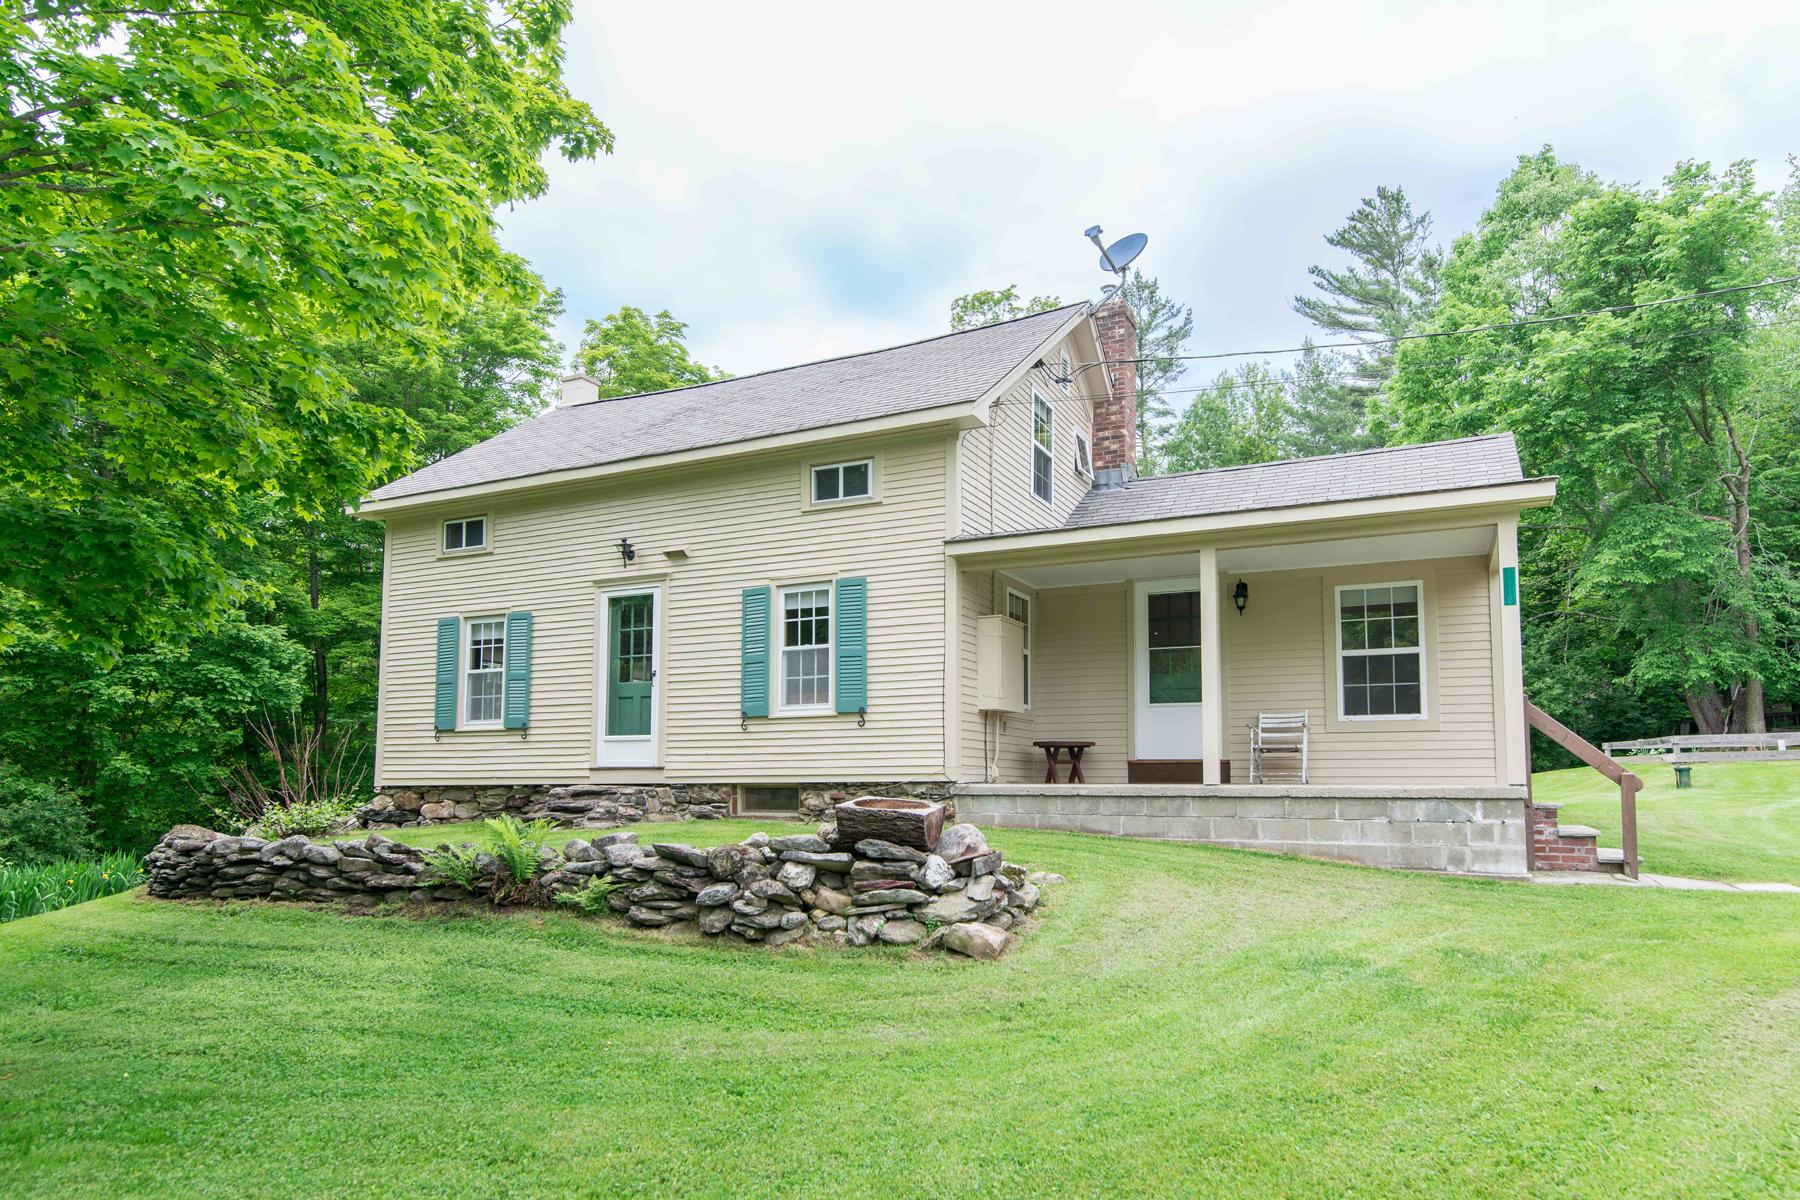 Maison unifamiliale pour l Vente à 1918 Green Hill, Danby Danby, Vermont 05739 États-Unis